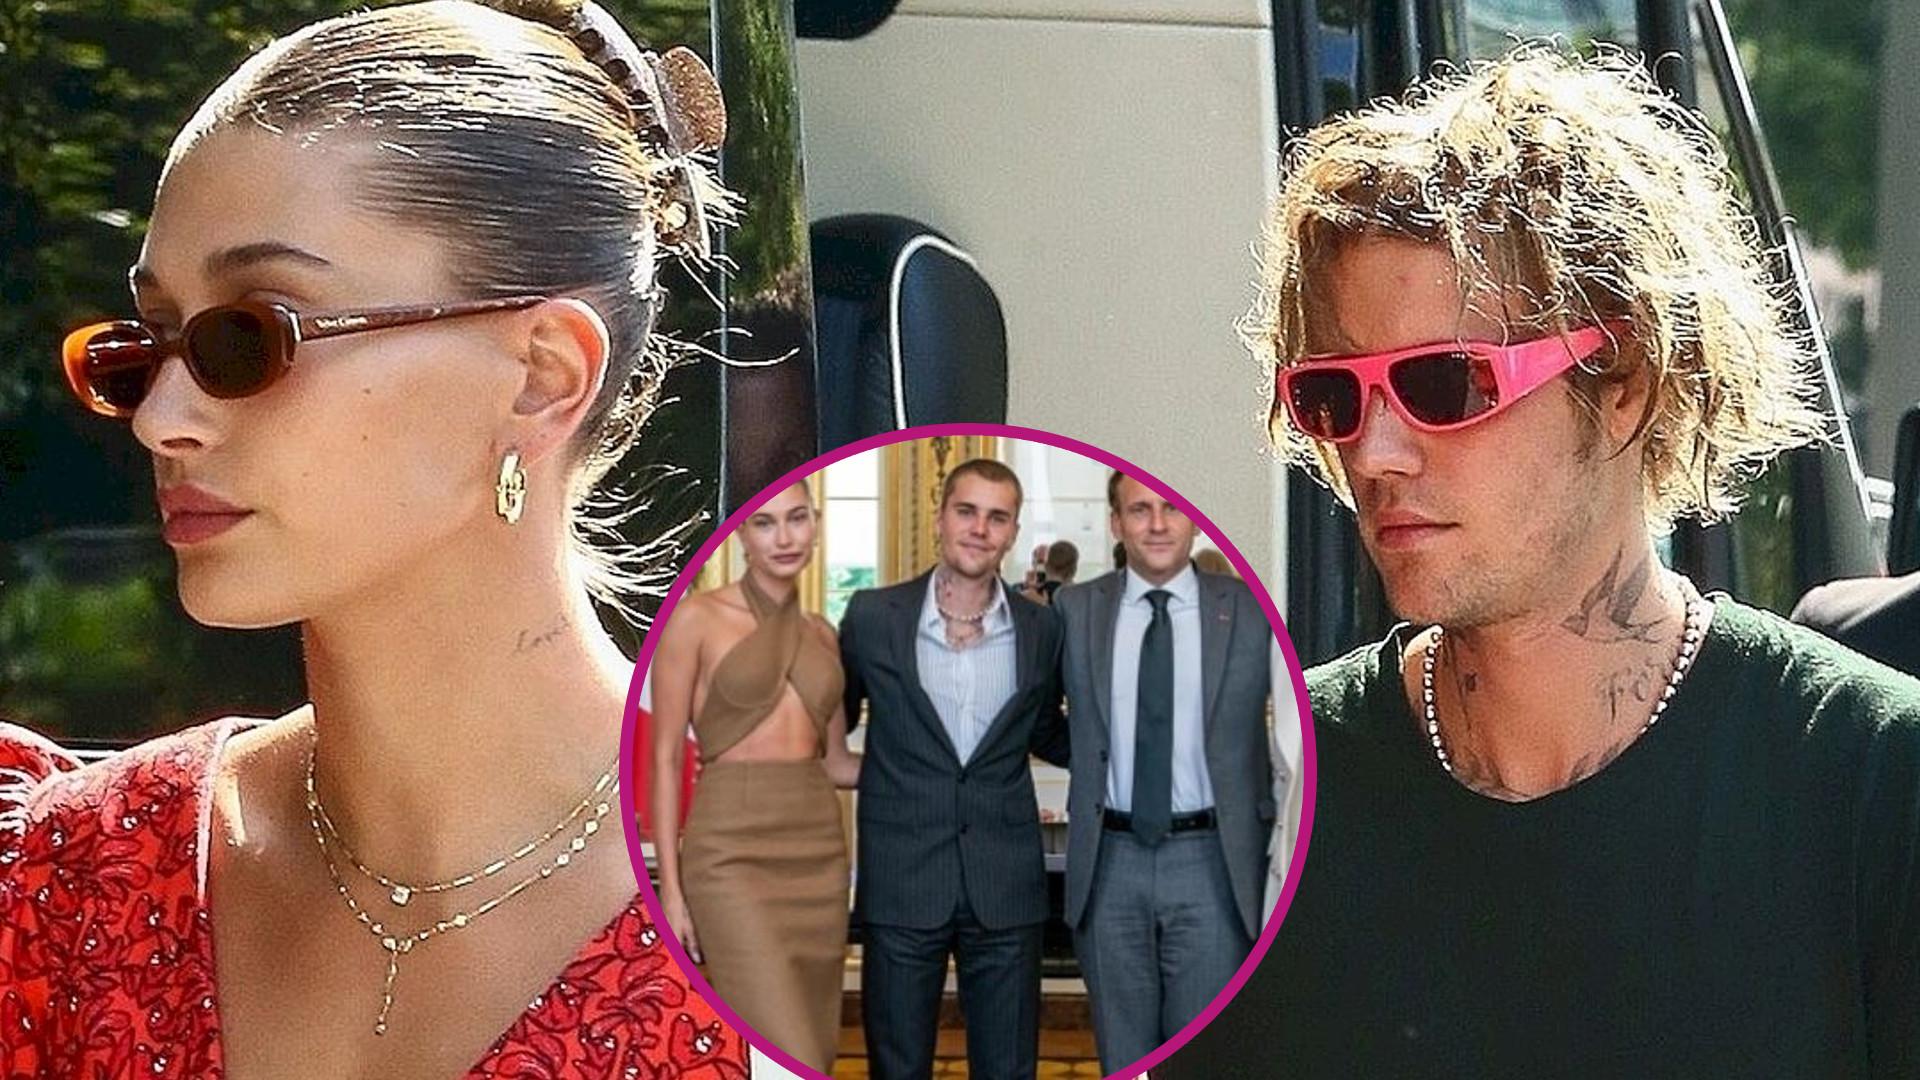 Internet aż HUCZY dziś na temat stylizacji Justina i Hailey na spotkaniu z Emmanuelem Macronem